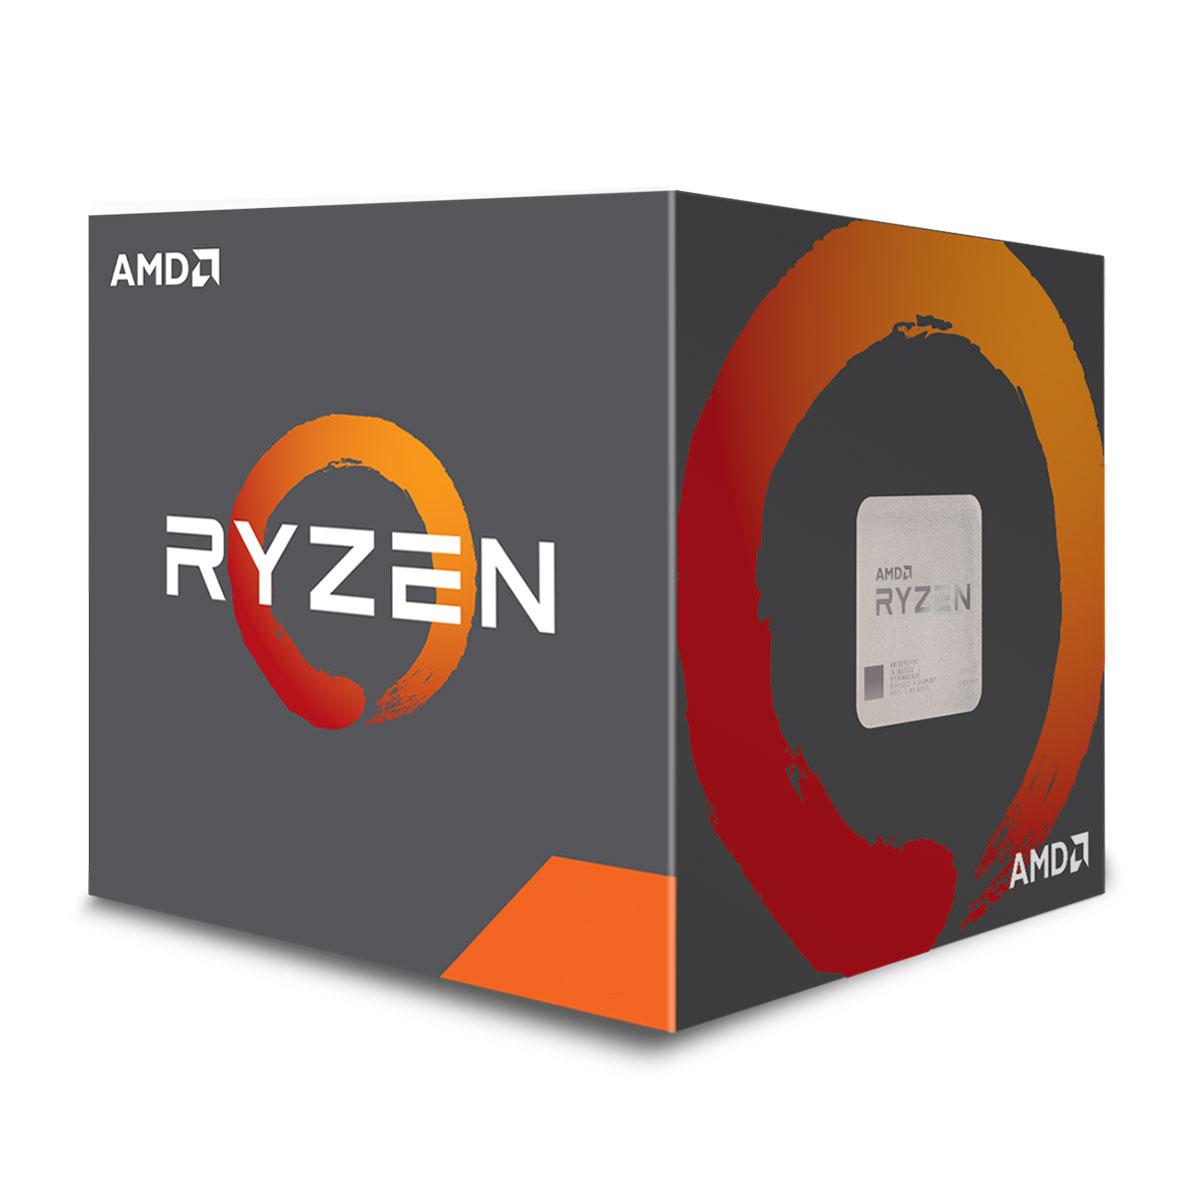 Processeur AMD Ryzen 3 1200 Wraith Stealth Edition (3.1 GHz) Processeur Quad Core socket AM4 Cache L3 8 Mo 0.014 micron TDP 65W avec système de refroidissement (version boîte - garantie constructeur 3 ans)